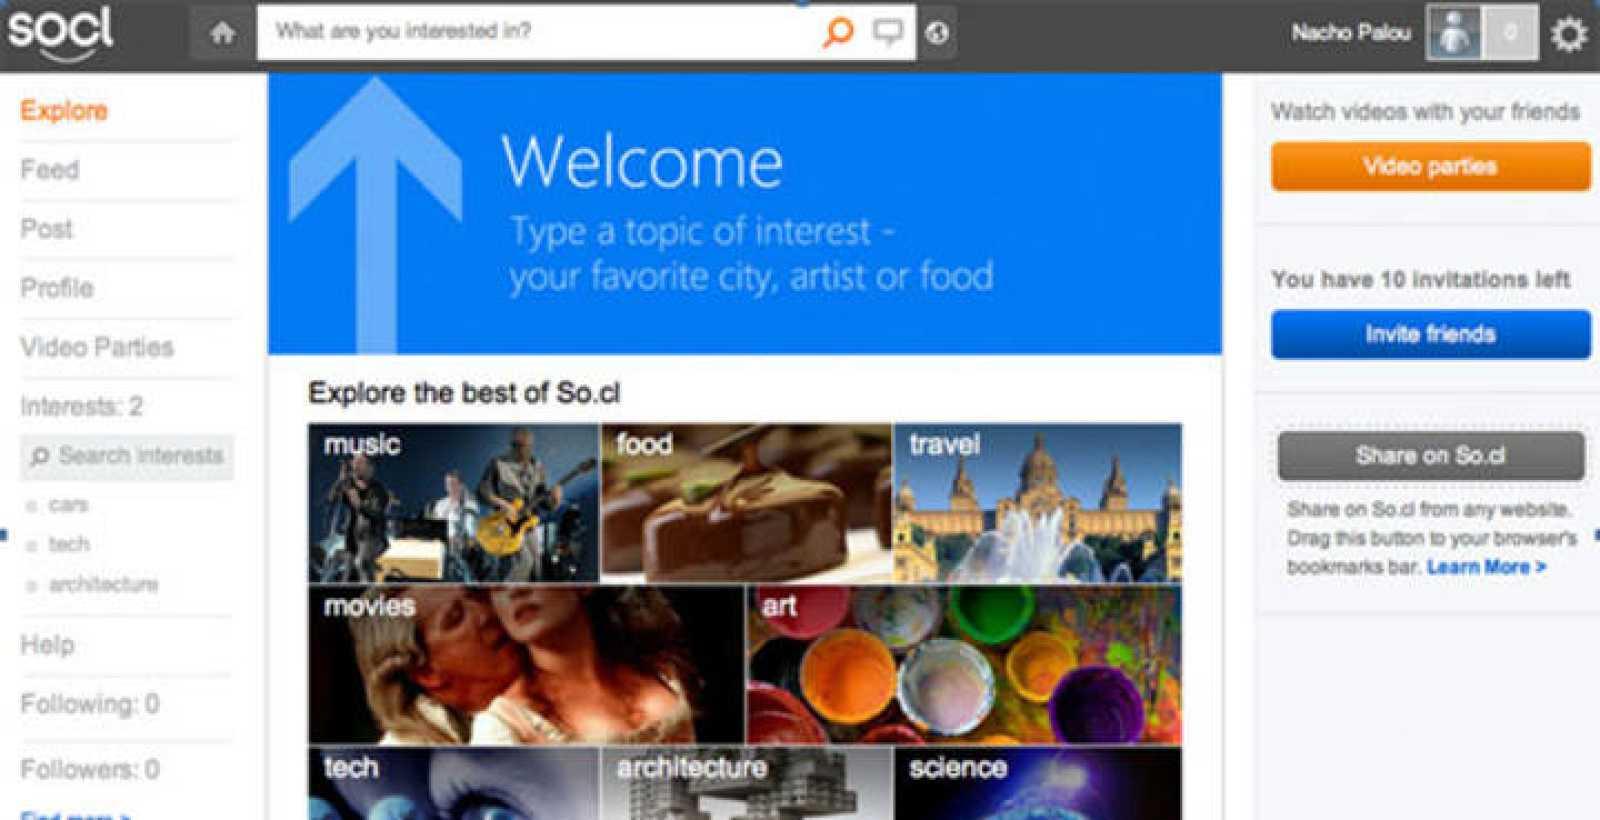 So.cl, el 'experimento' de Microsoft, funciona como un buscador de Internet con componentes sociales